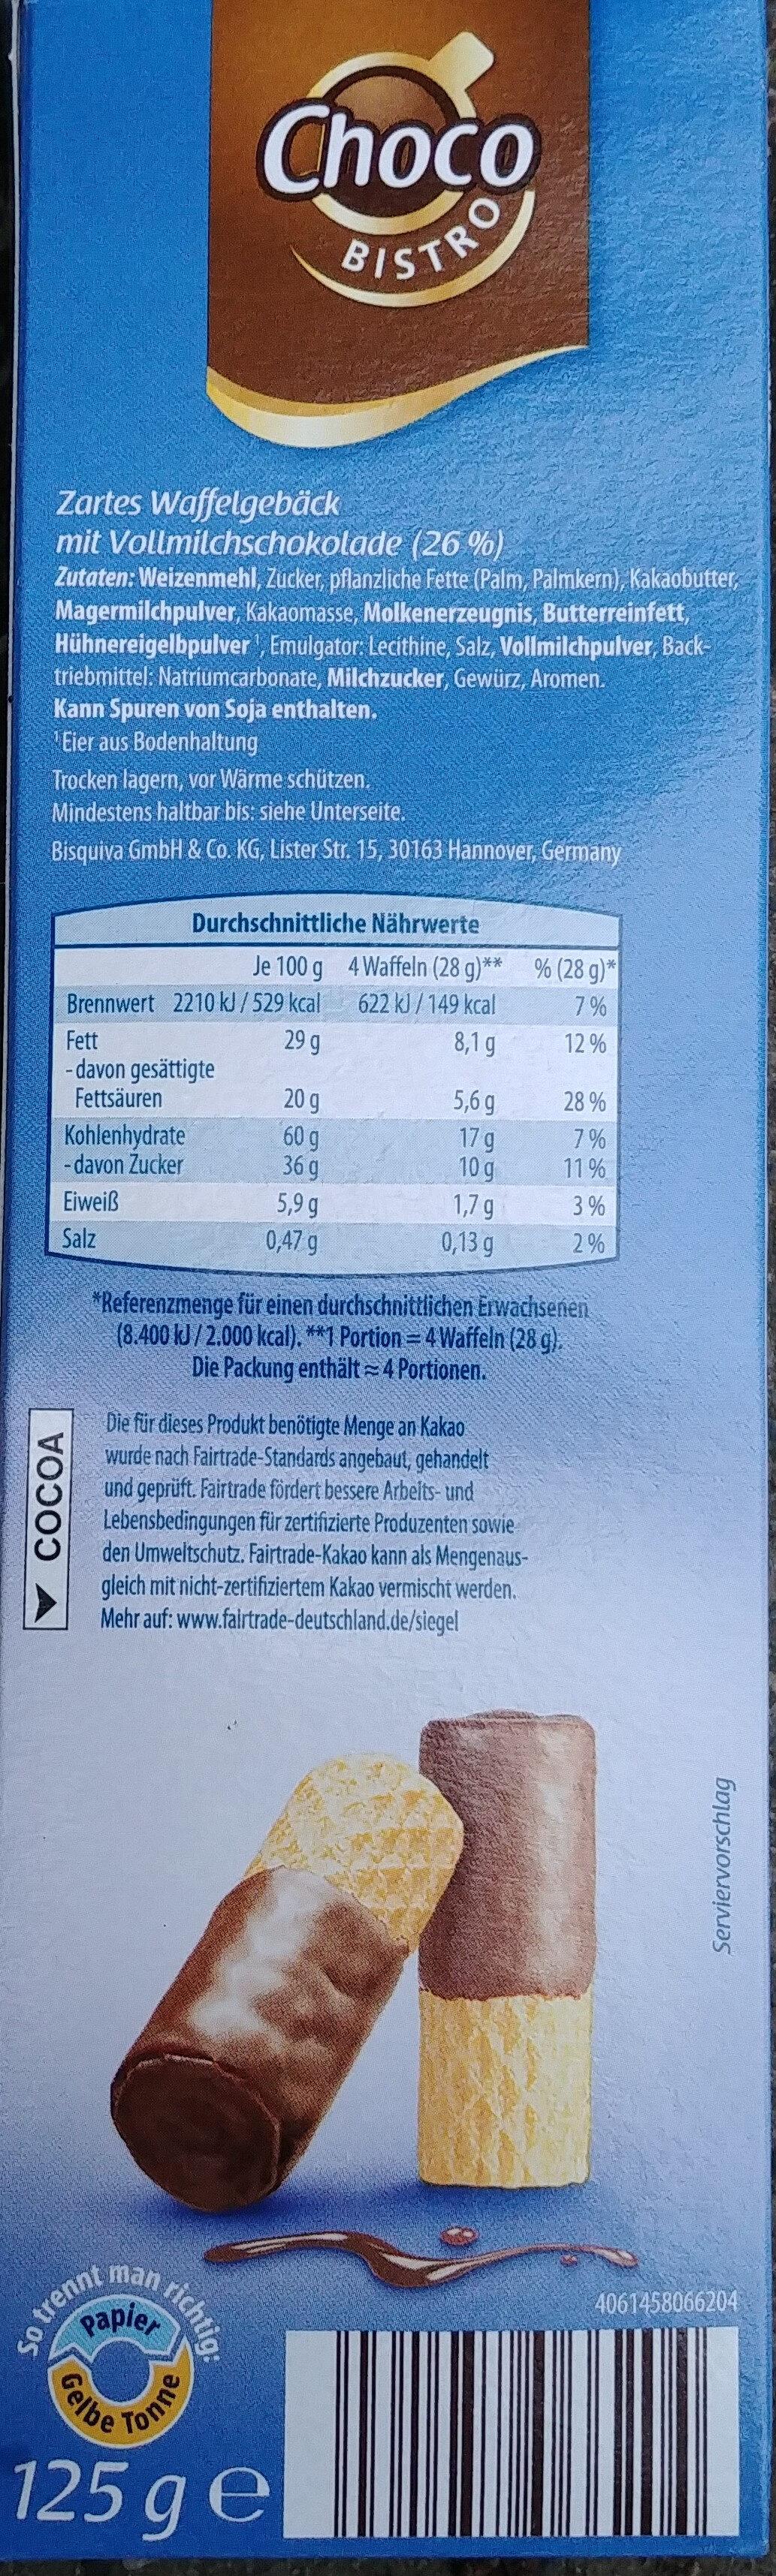 Schoko Waffelröllchen Vollmilch - Ingrédients - de